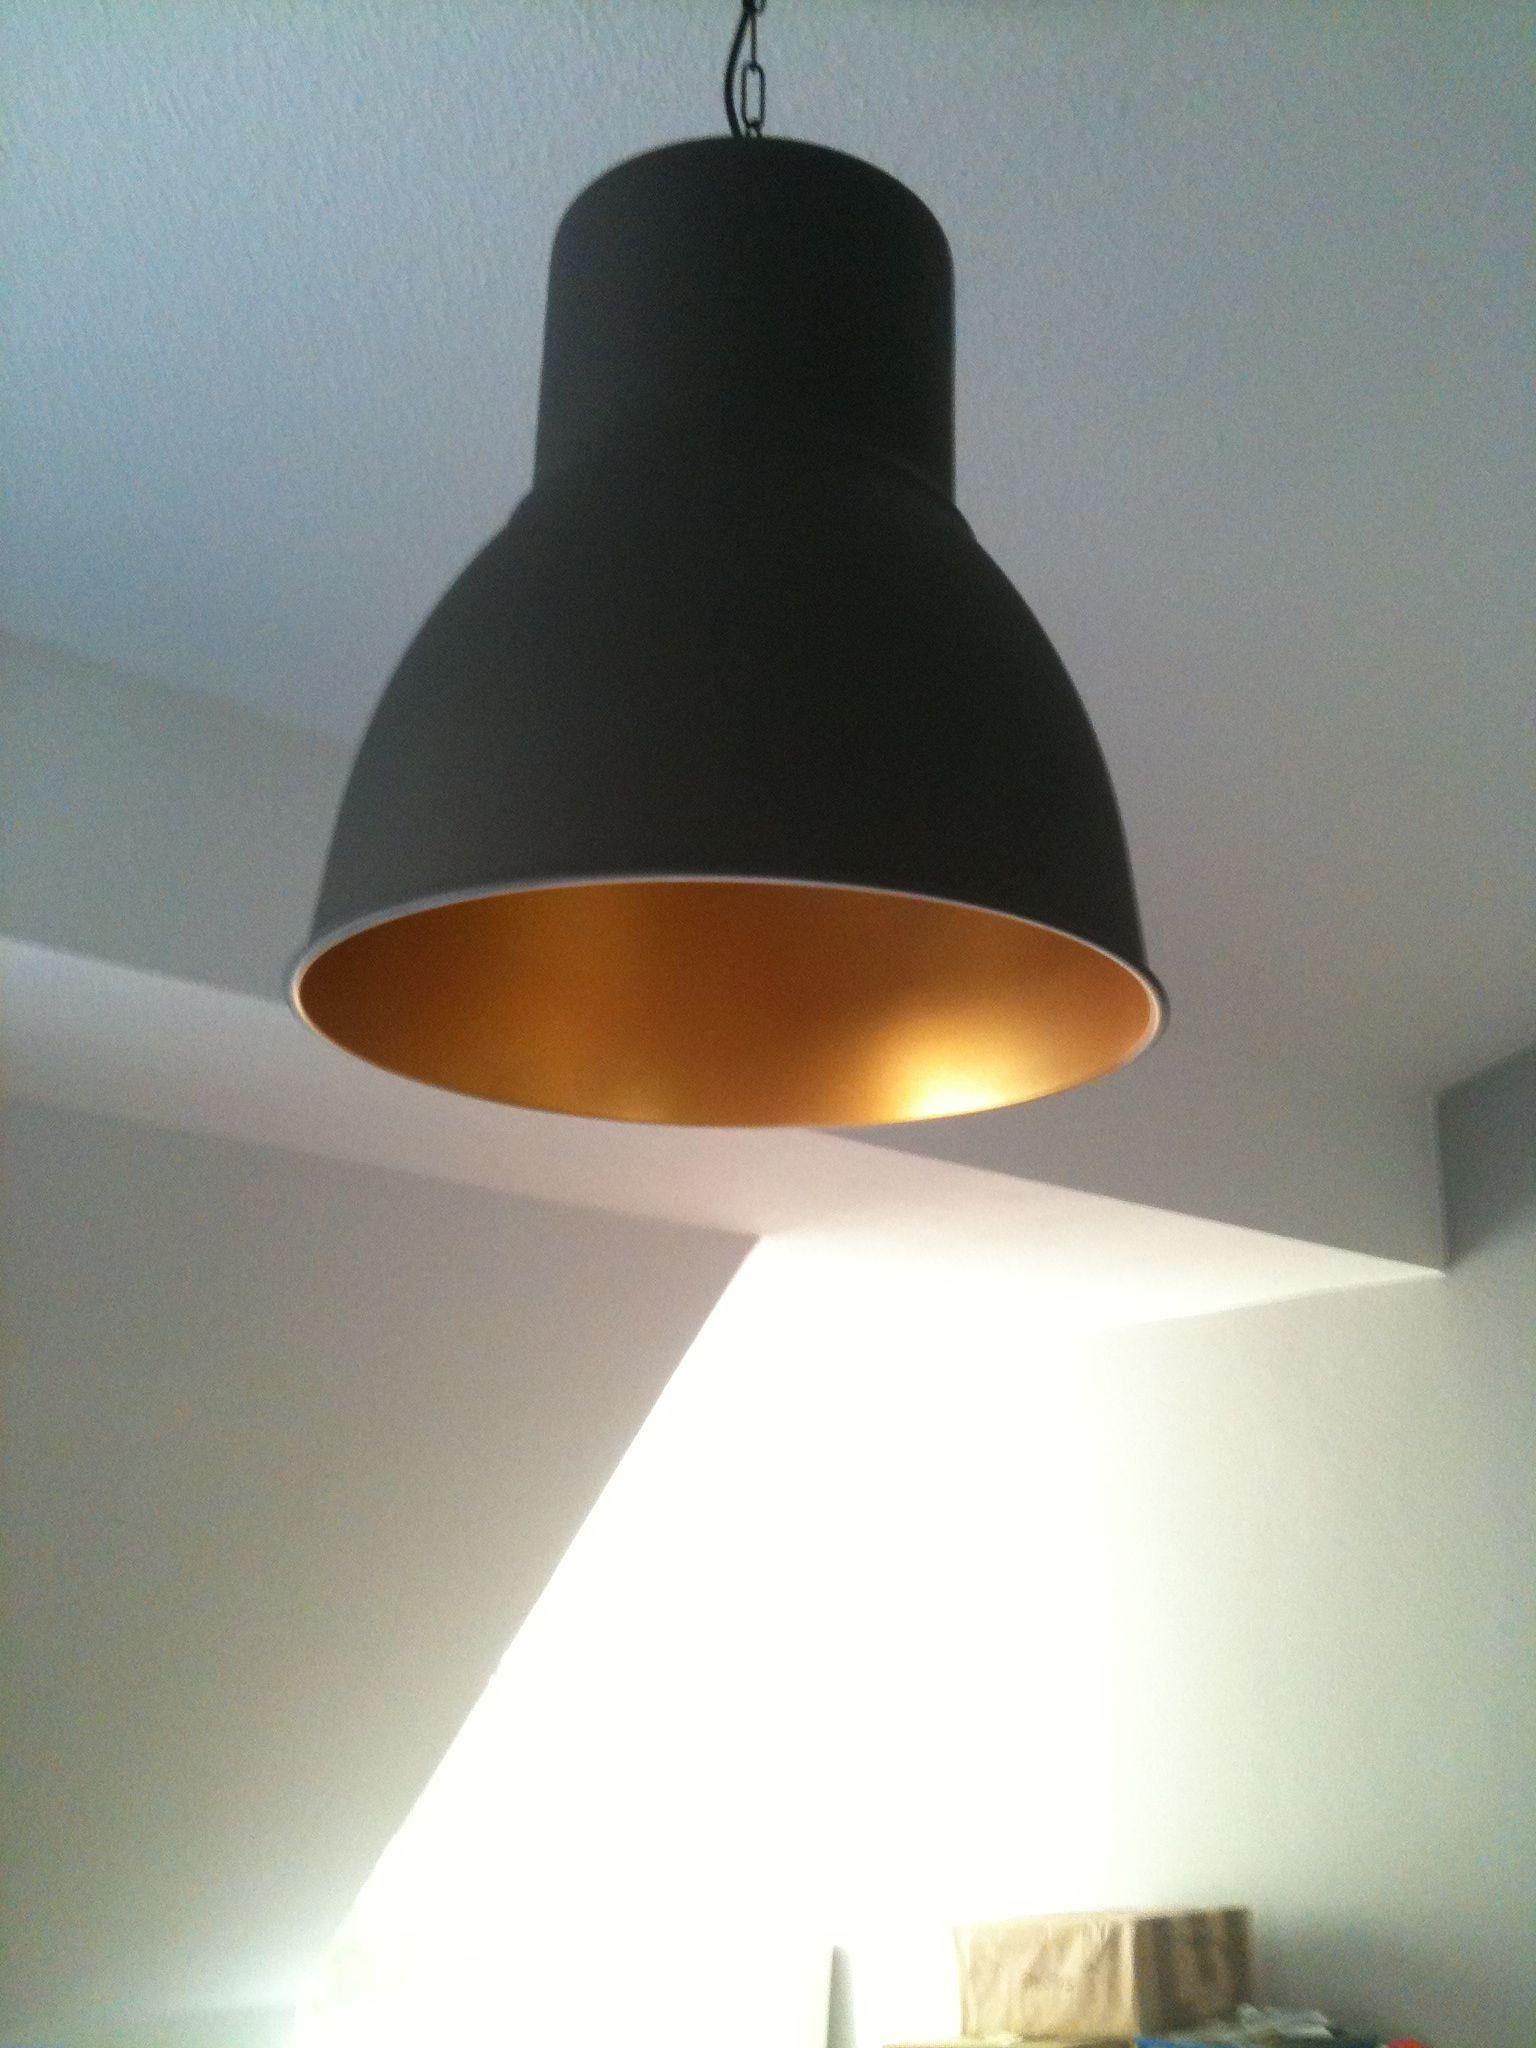 Ikea Hektar Pendant Interior Painted Gold Ice Cream Lampen